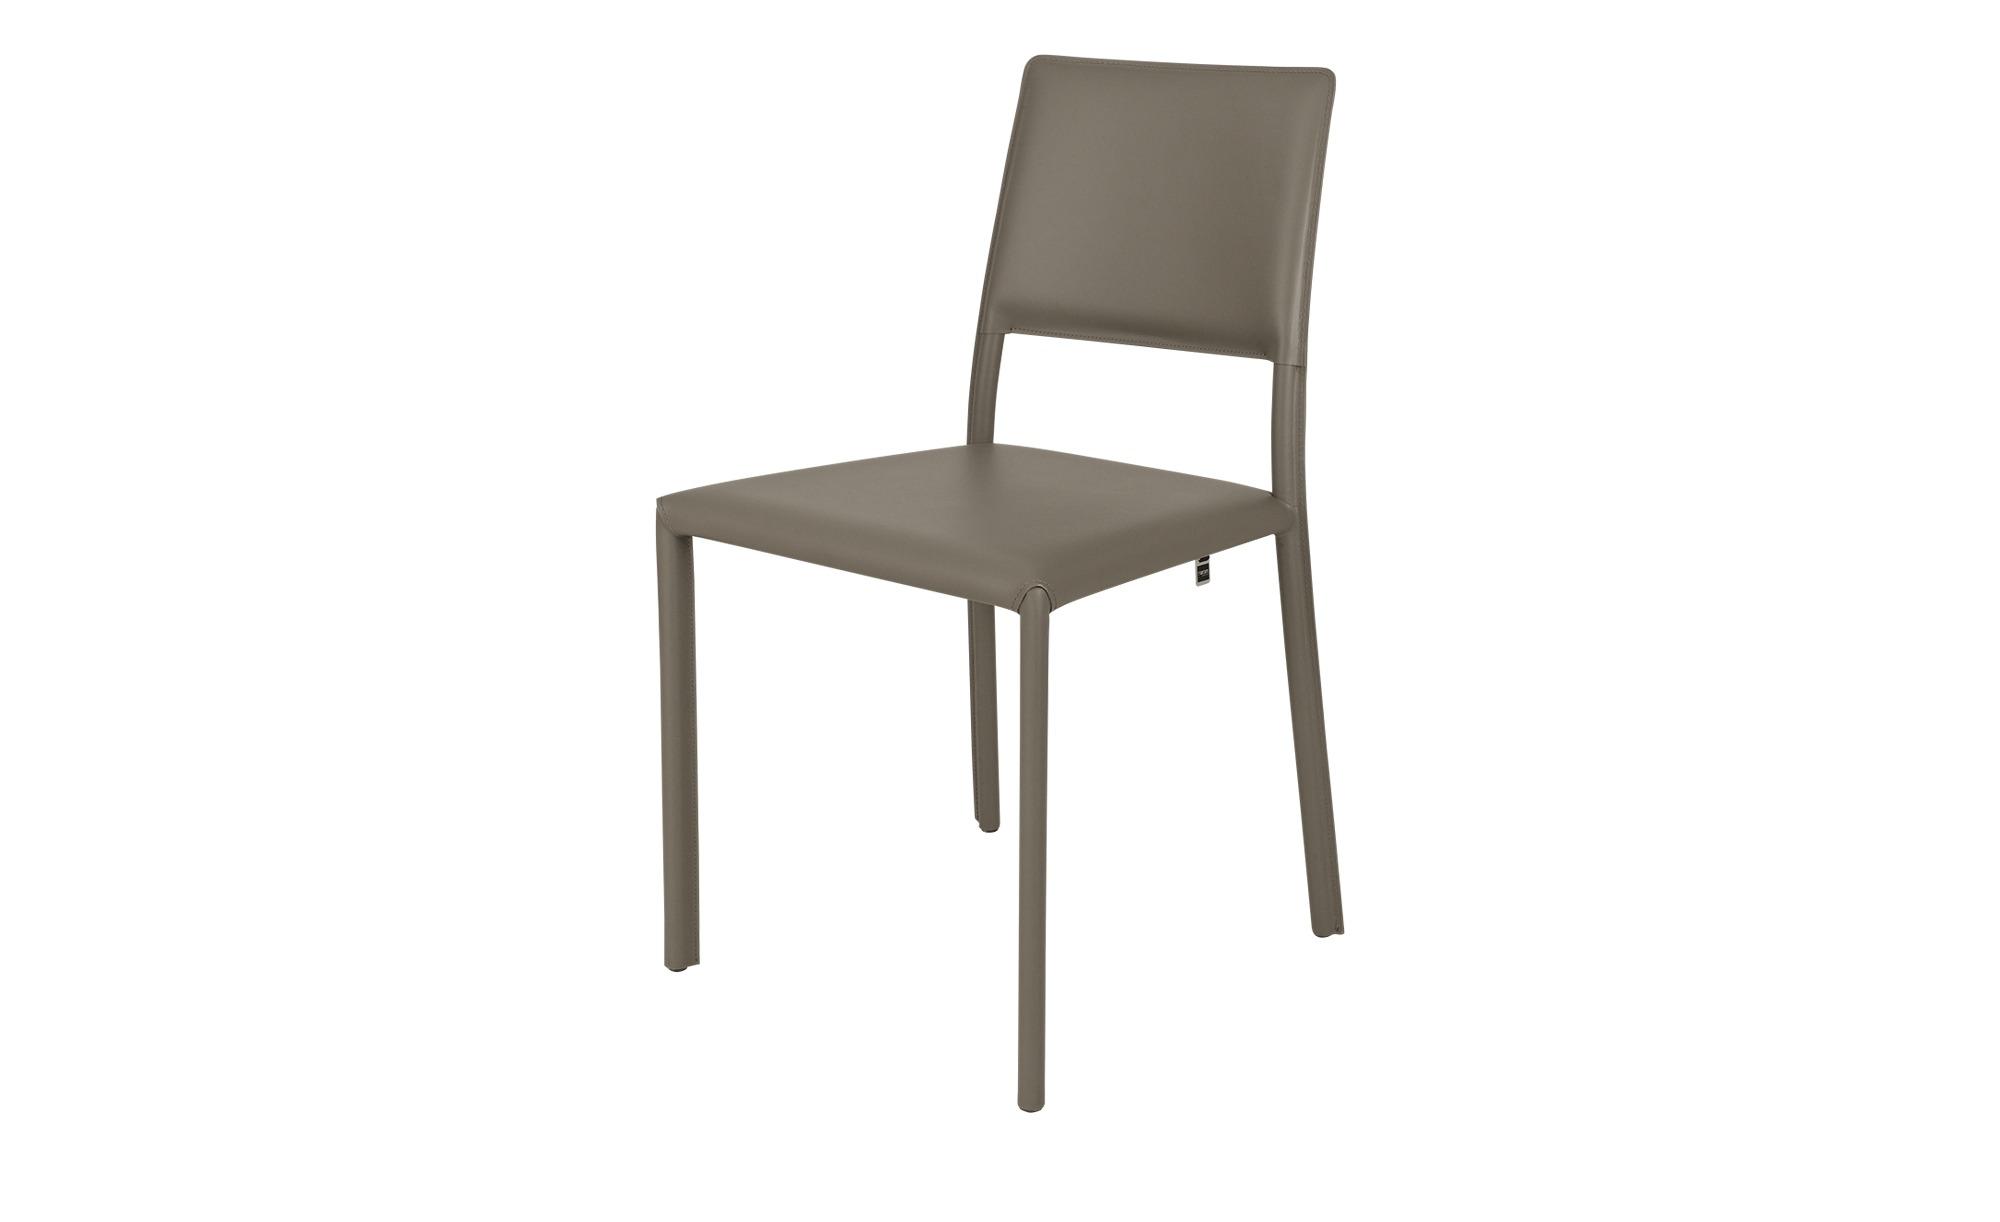 Huelsta Now Polsterstühle Online Kaufen Möbel Suchmaschine